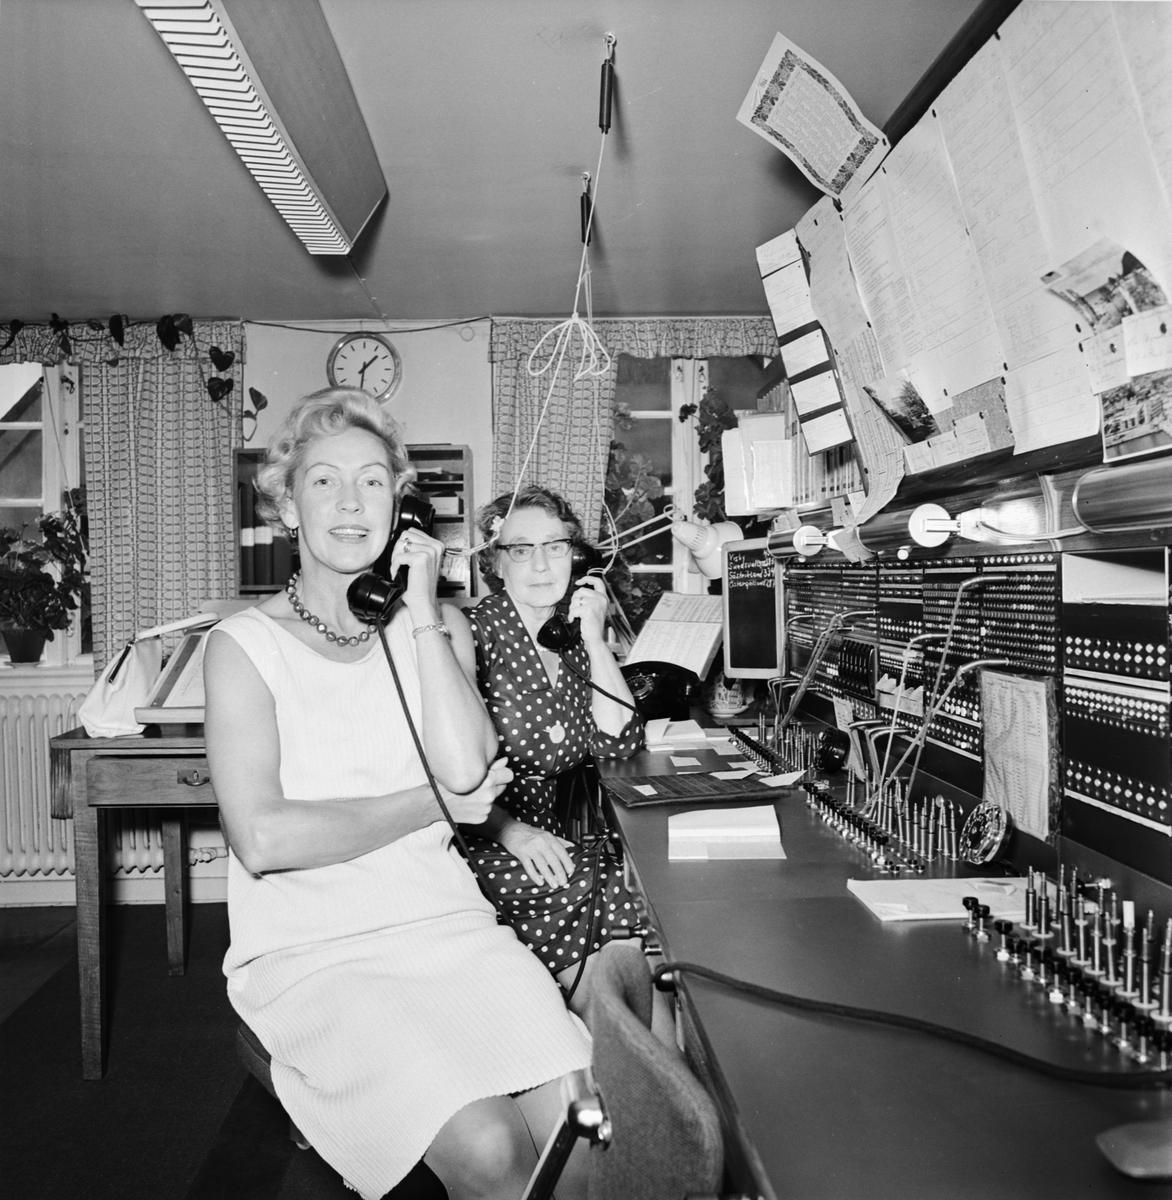 Övrigt: Foto datum: 1/9 1964 Verkstäder och personal. Telefonväxel personal